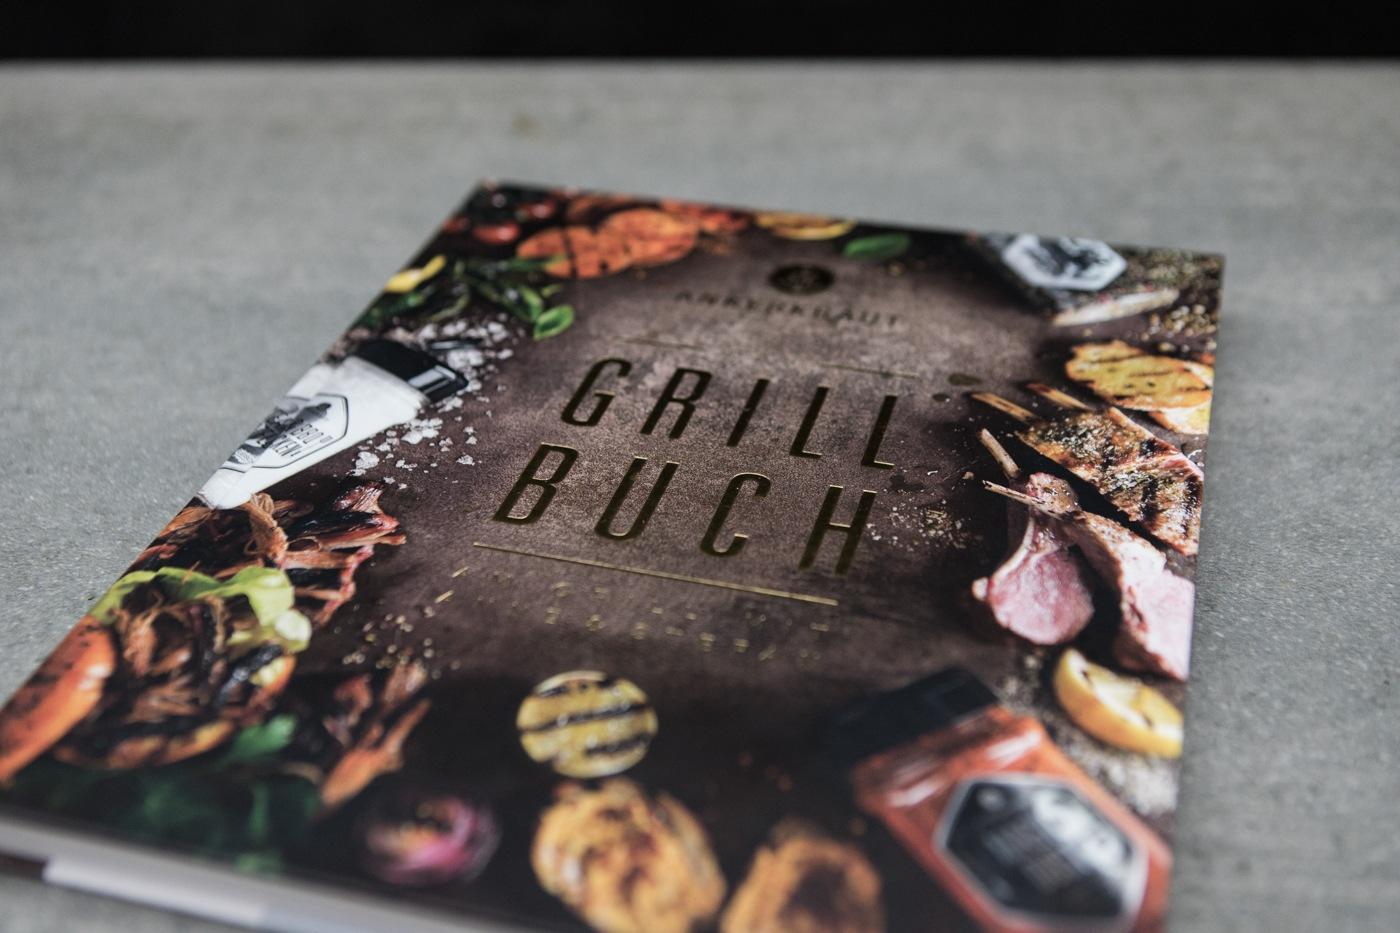 Outdoorküche Buch Buchen : Vorstellung ankerkraut das grillbuch bbqlicate grill bbq